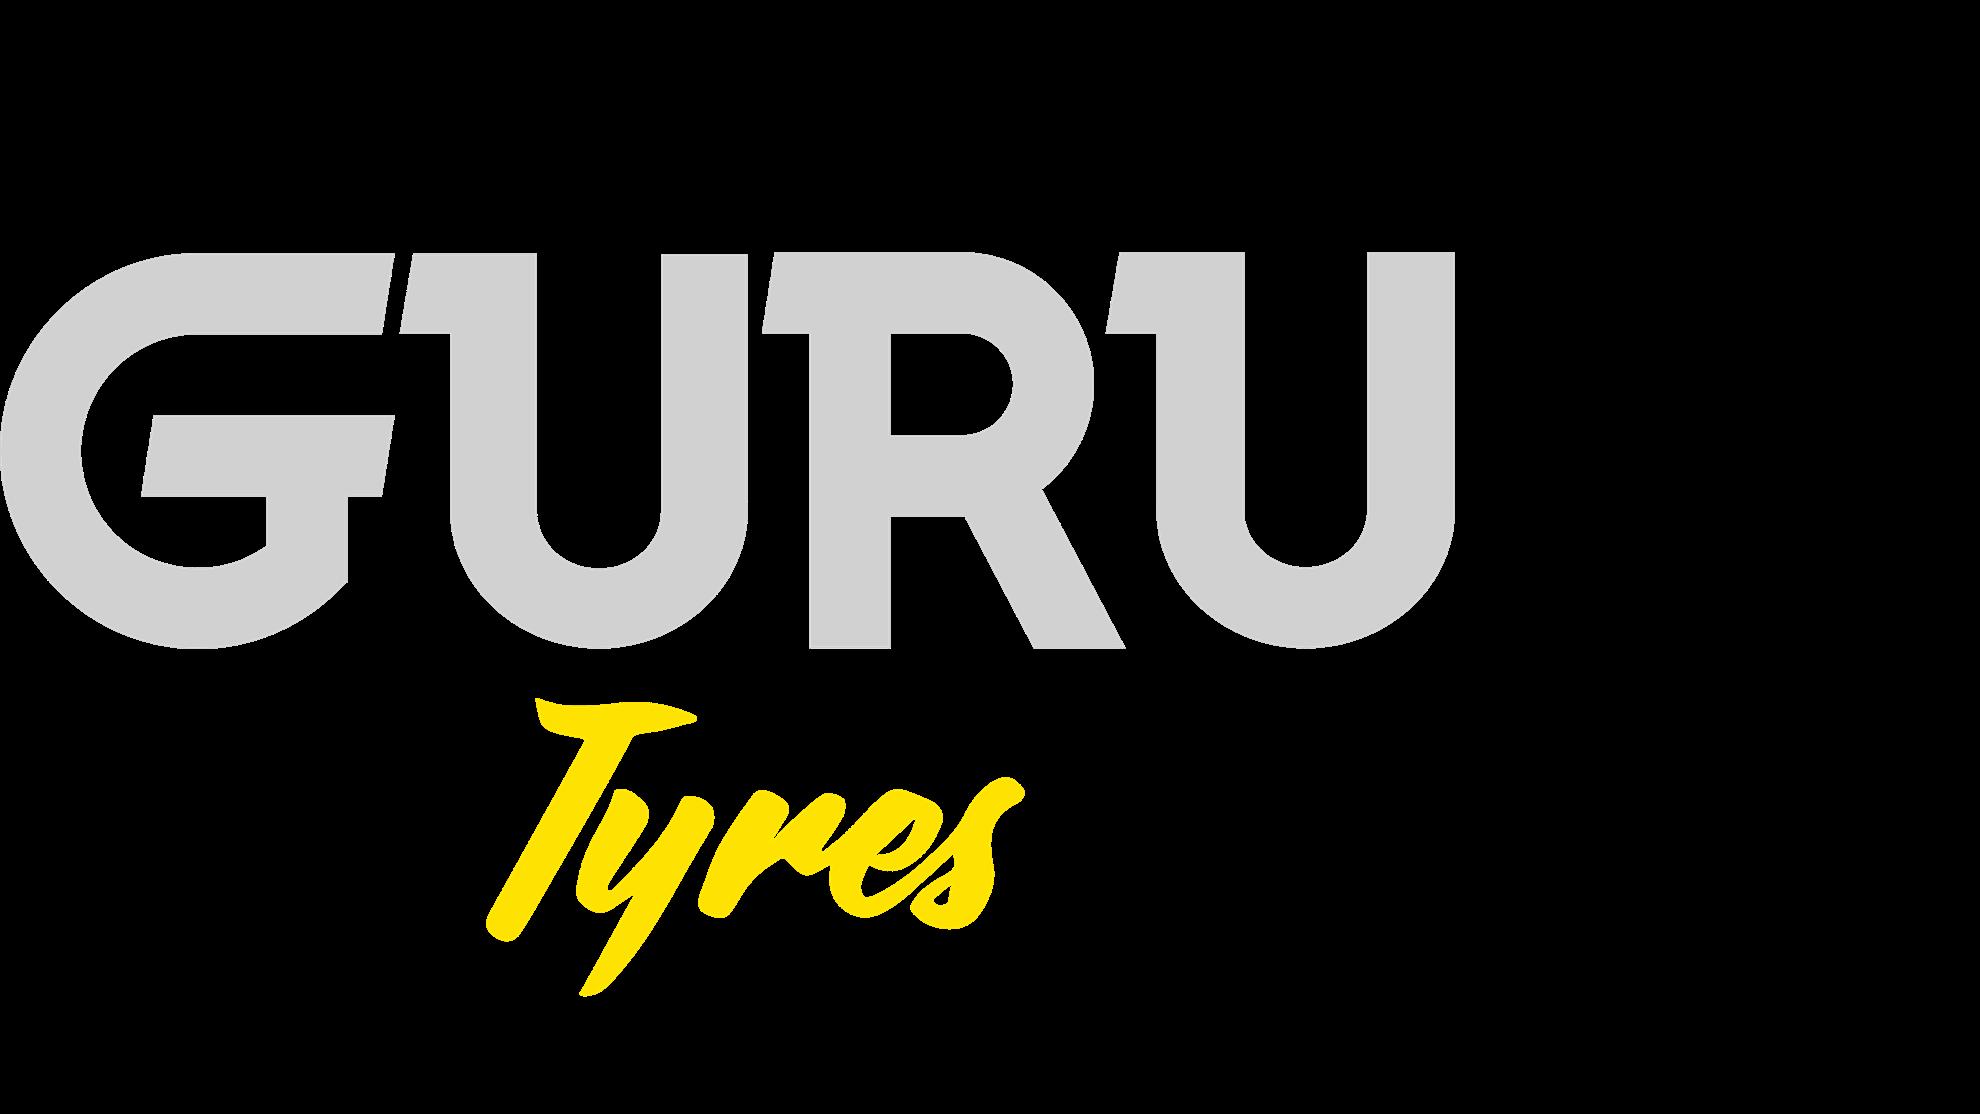 Guru Tyres